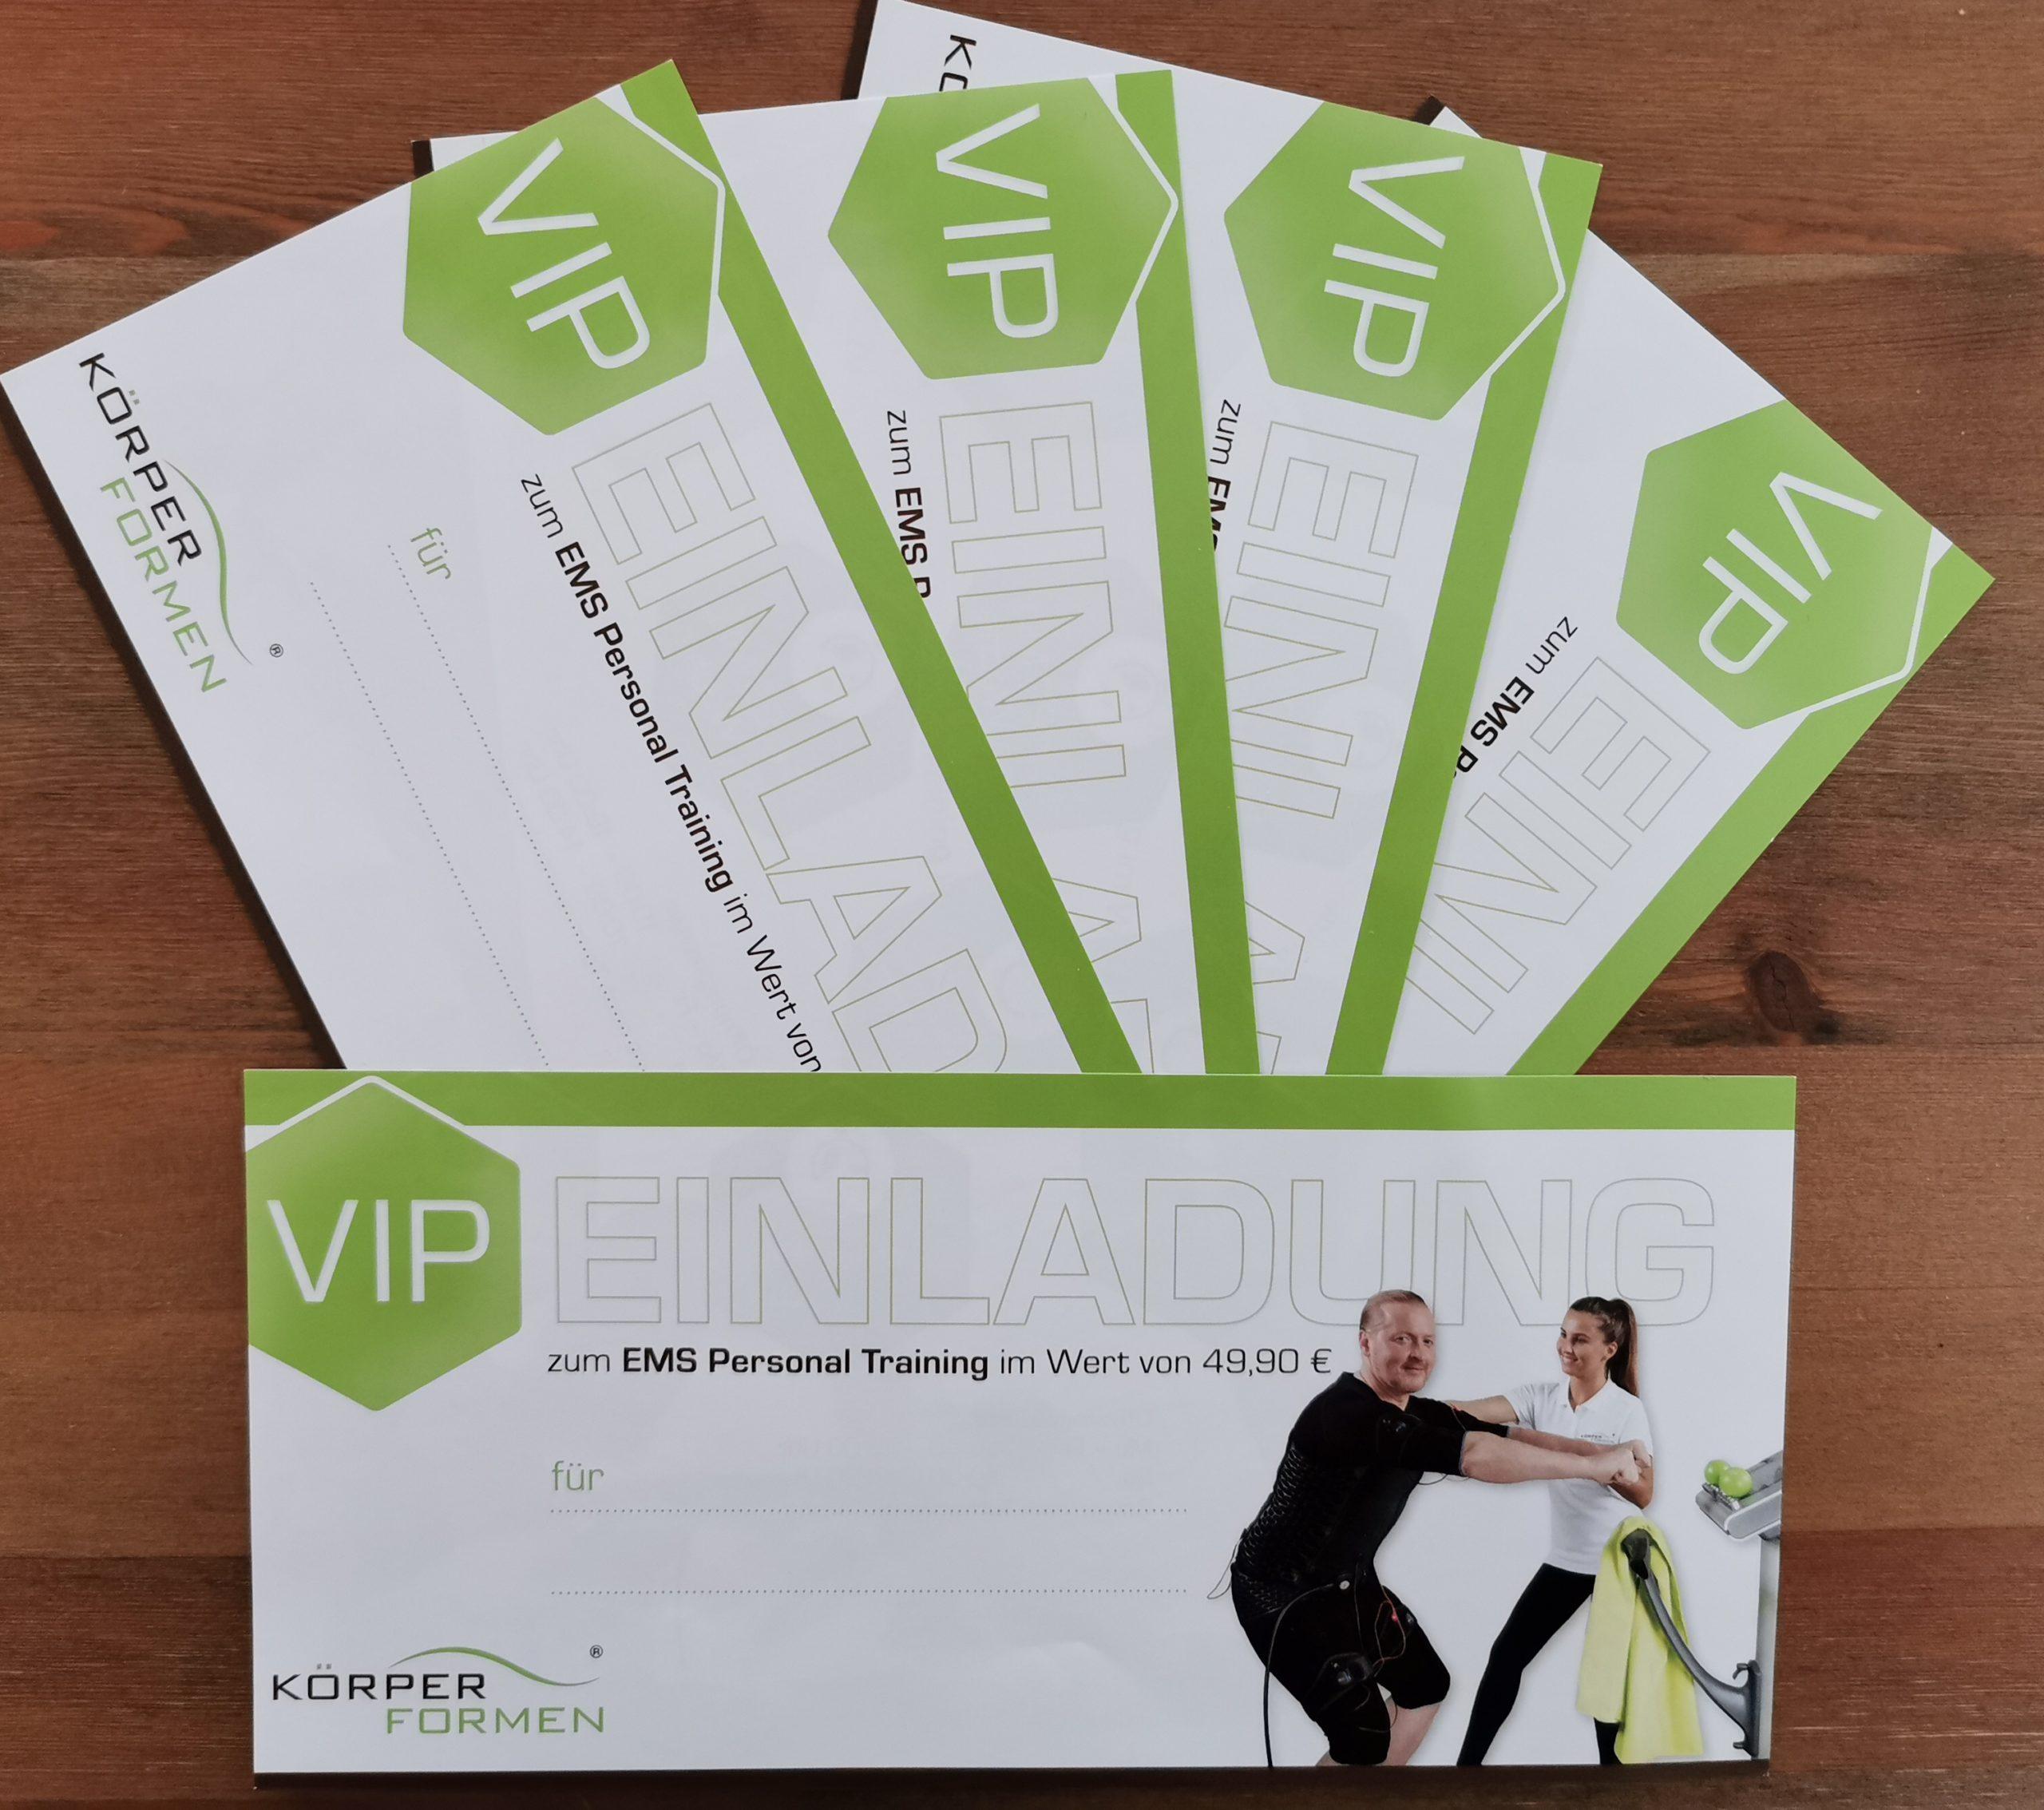 5 VIP Gutscheine für ein EMS-Training zu verschenken.